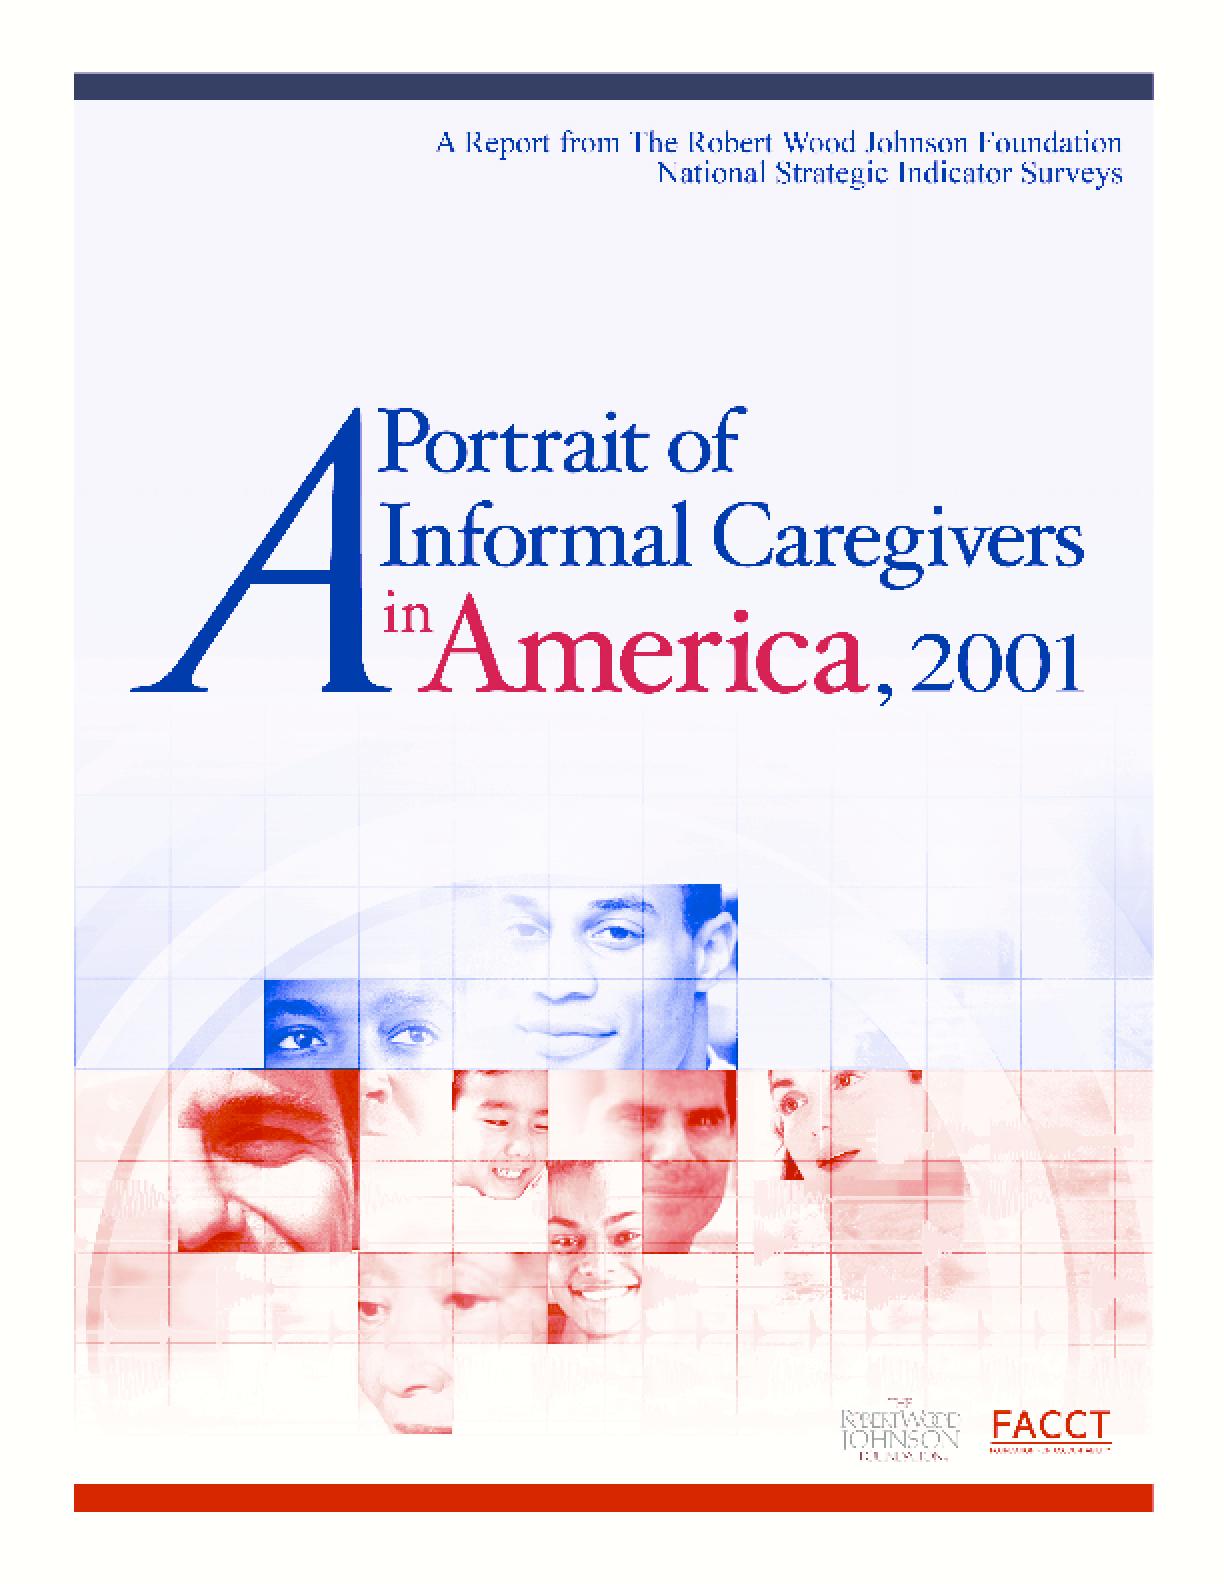 A Portrait of Informal Caregivers in America, 2001